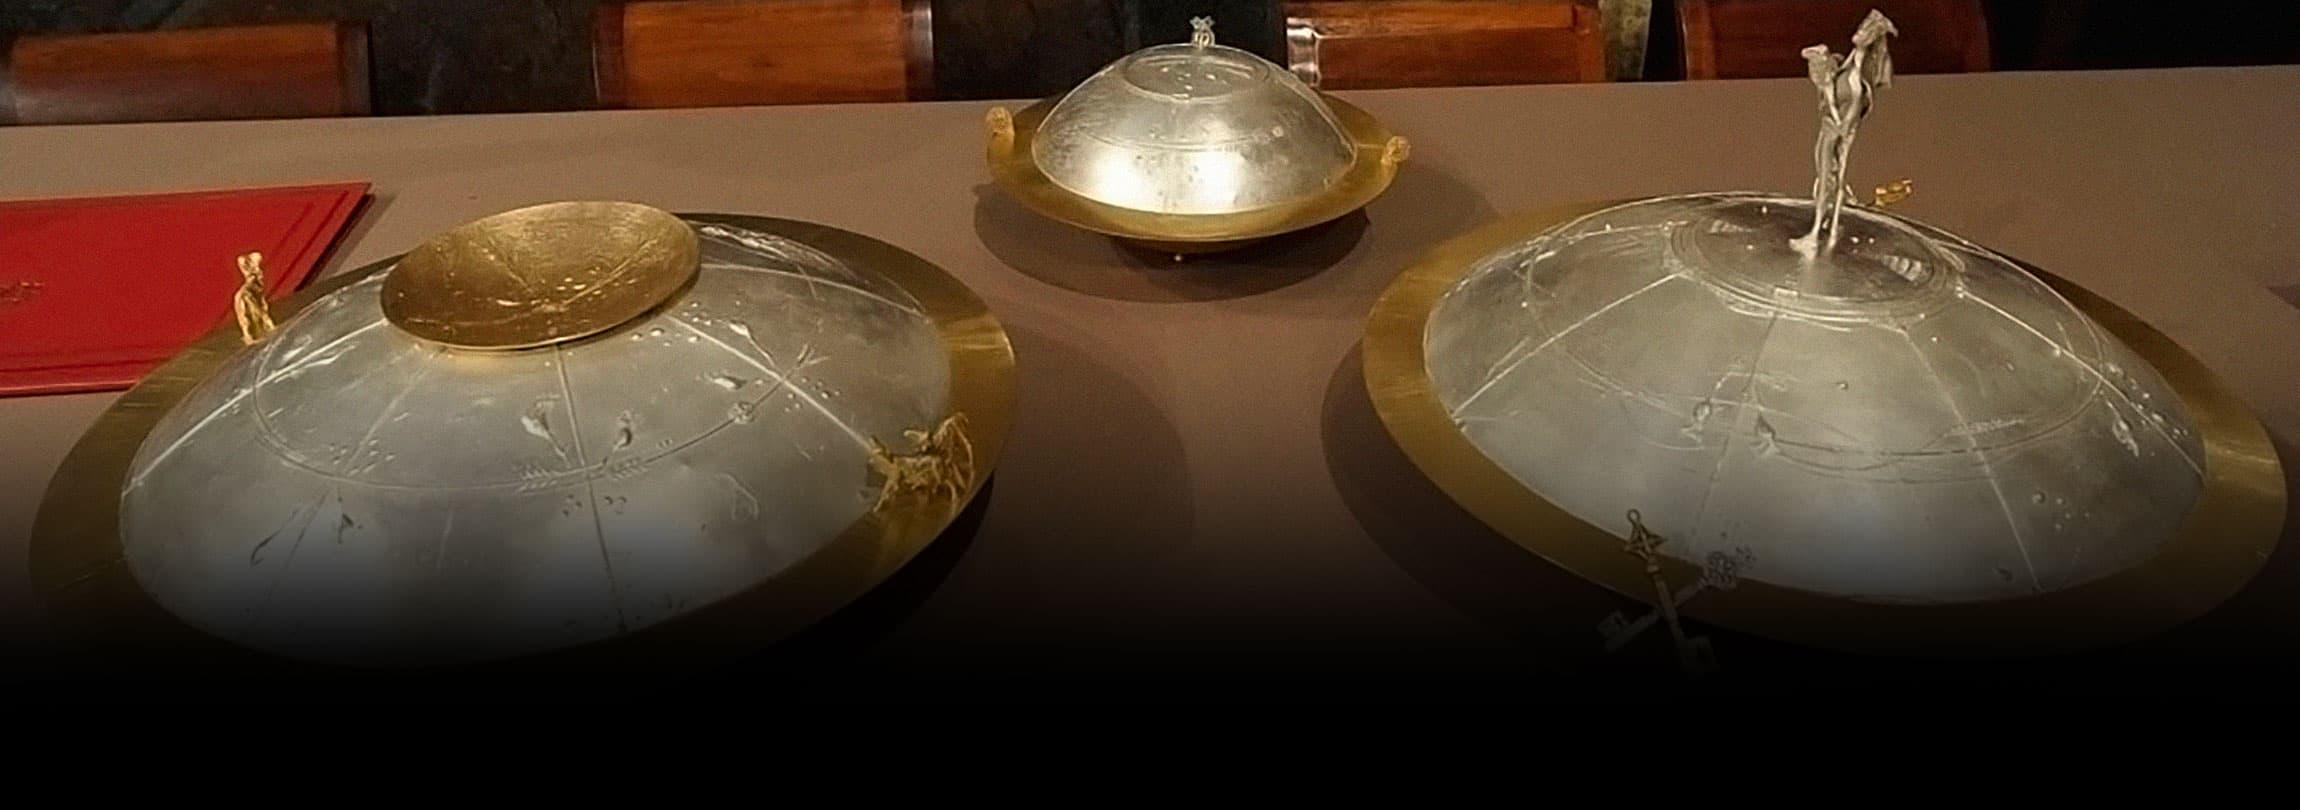 As urnas do Conclave